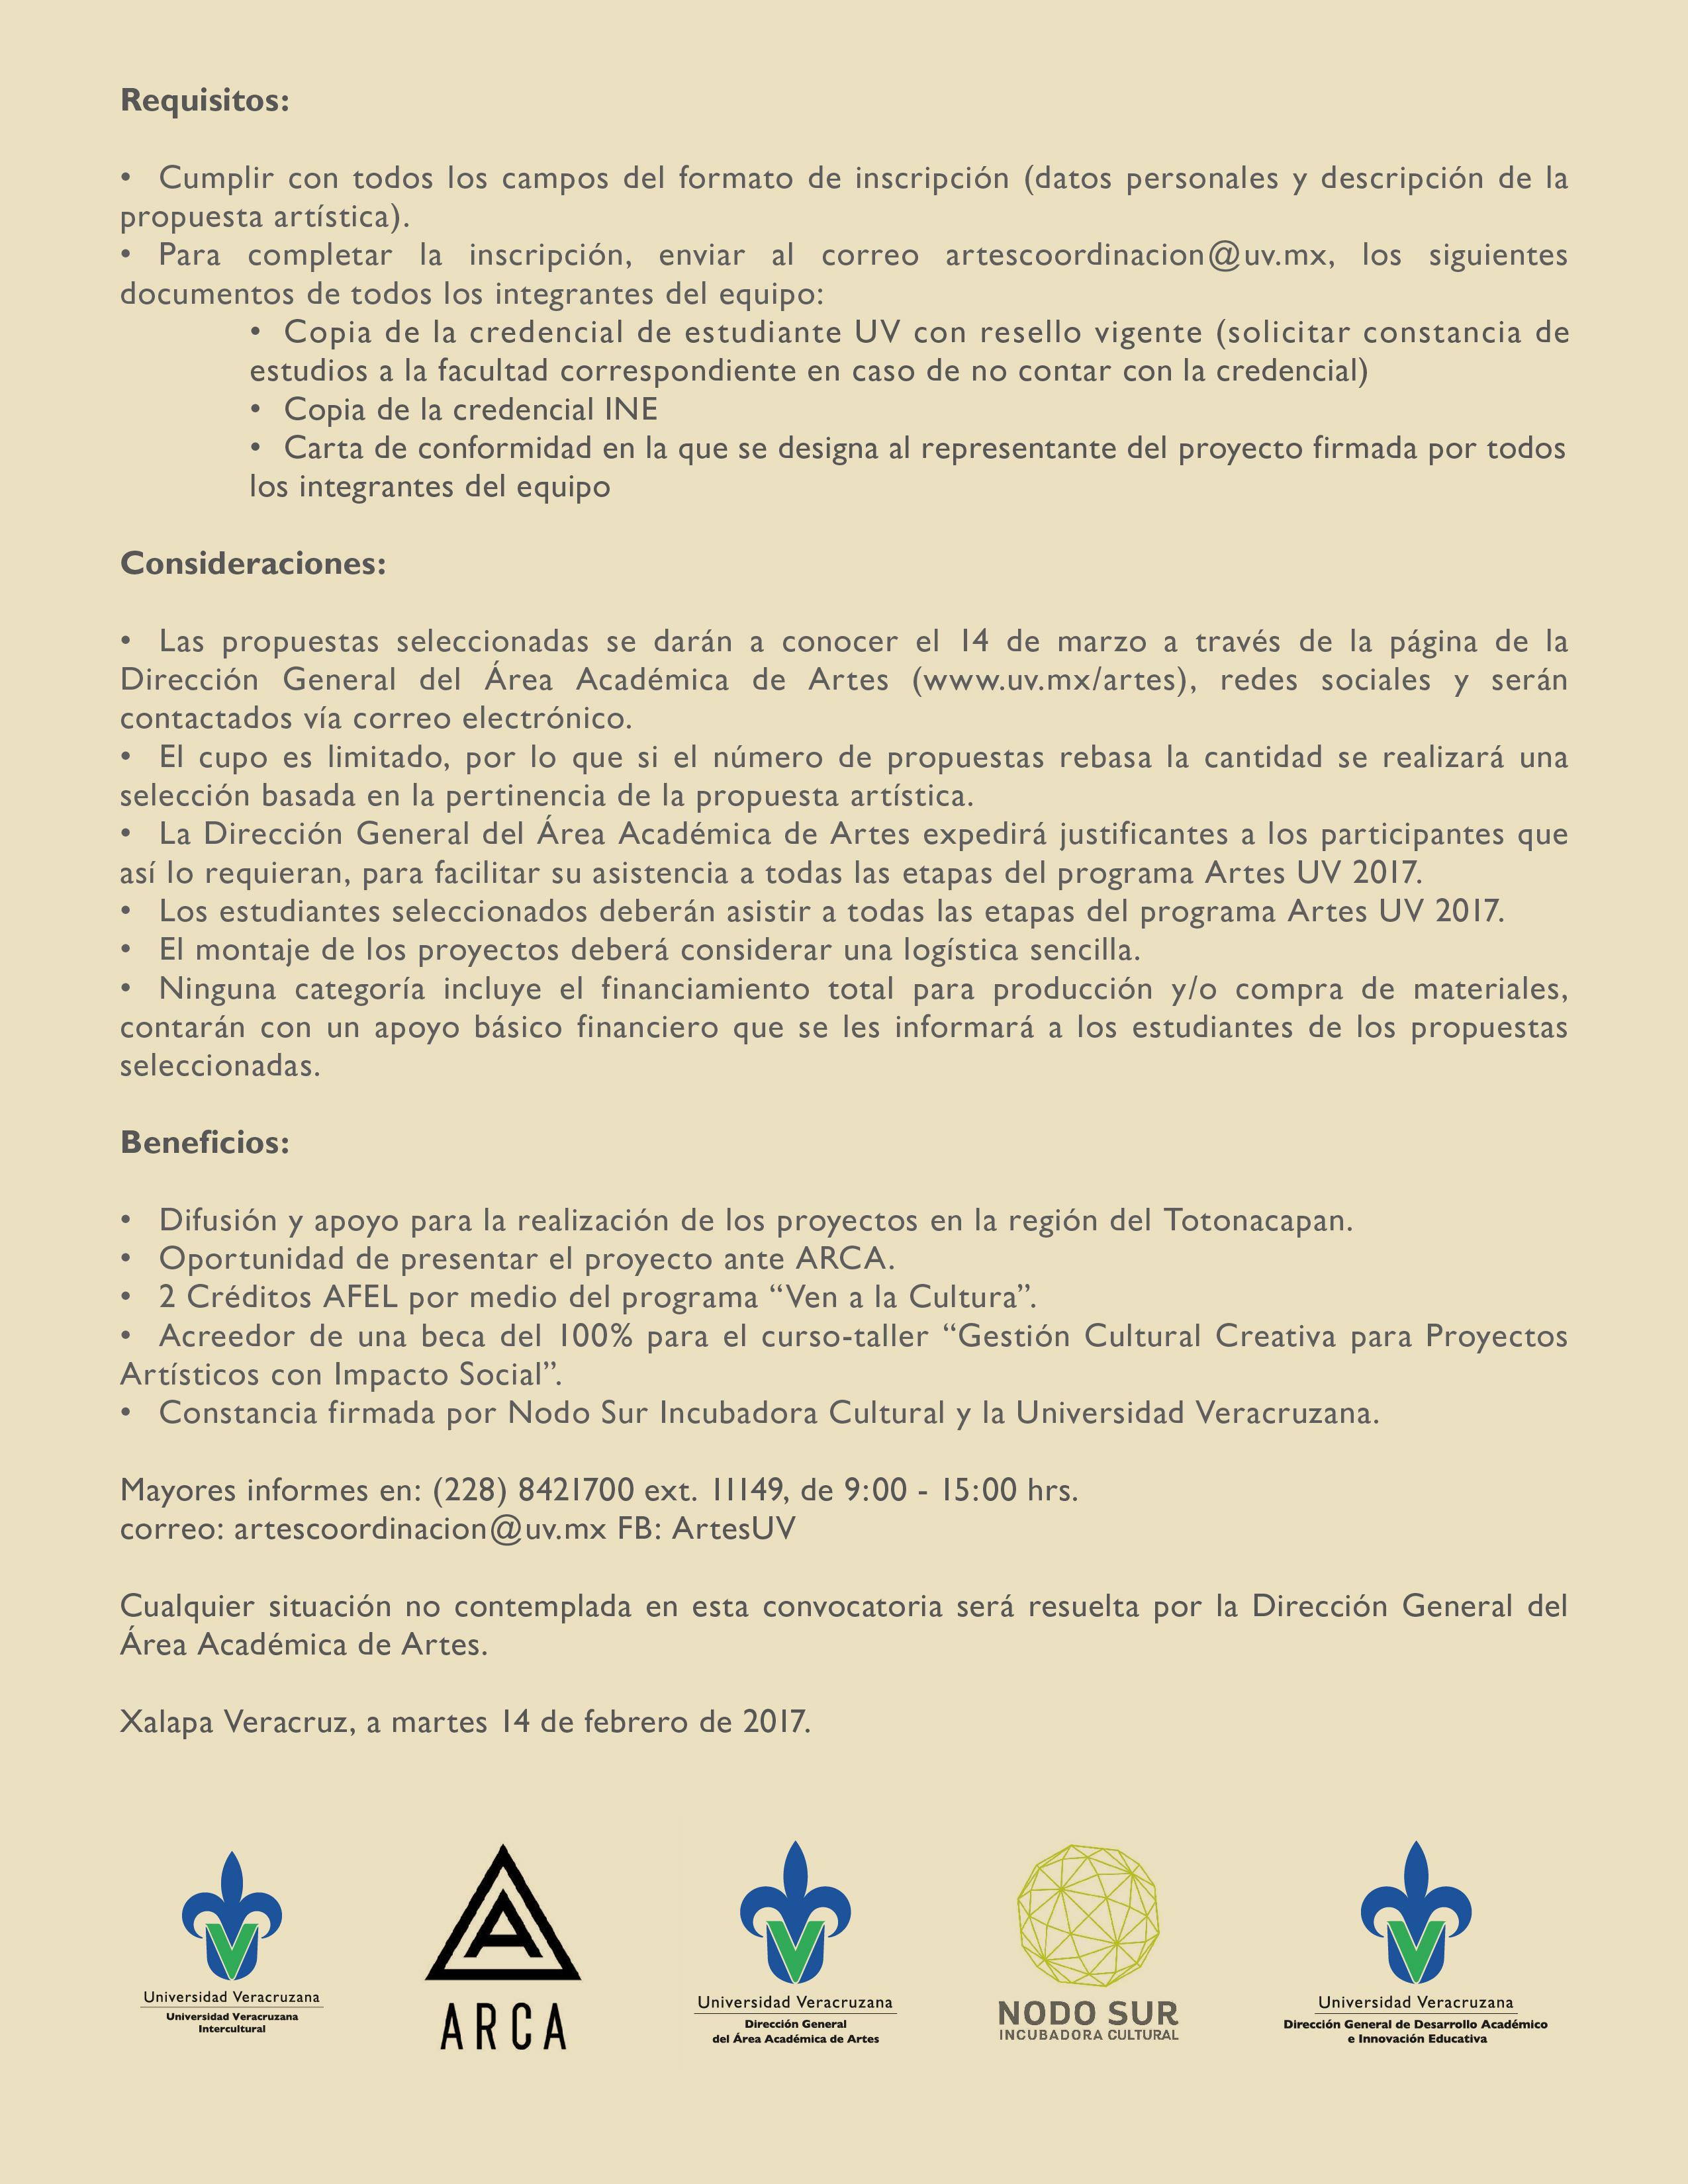 Convocatoria artesuv 2017 direcci n general del rea for Convocatoria de docentes 2017